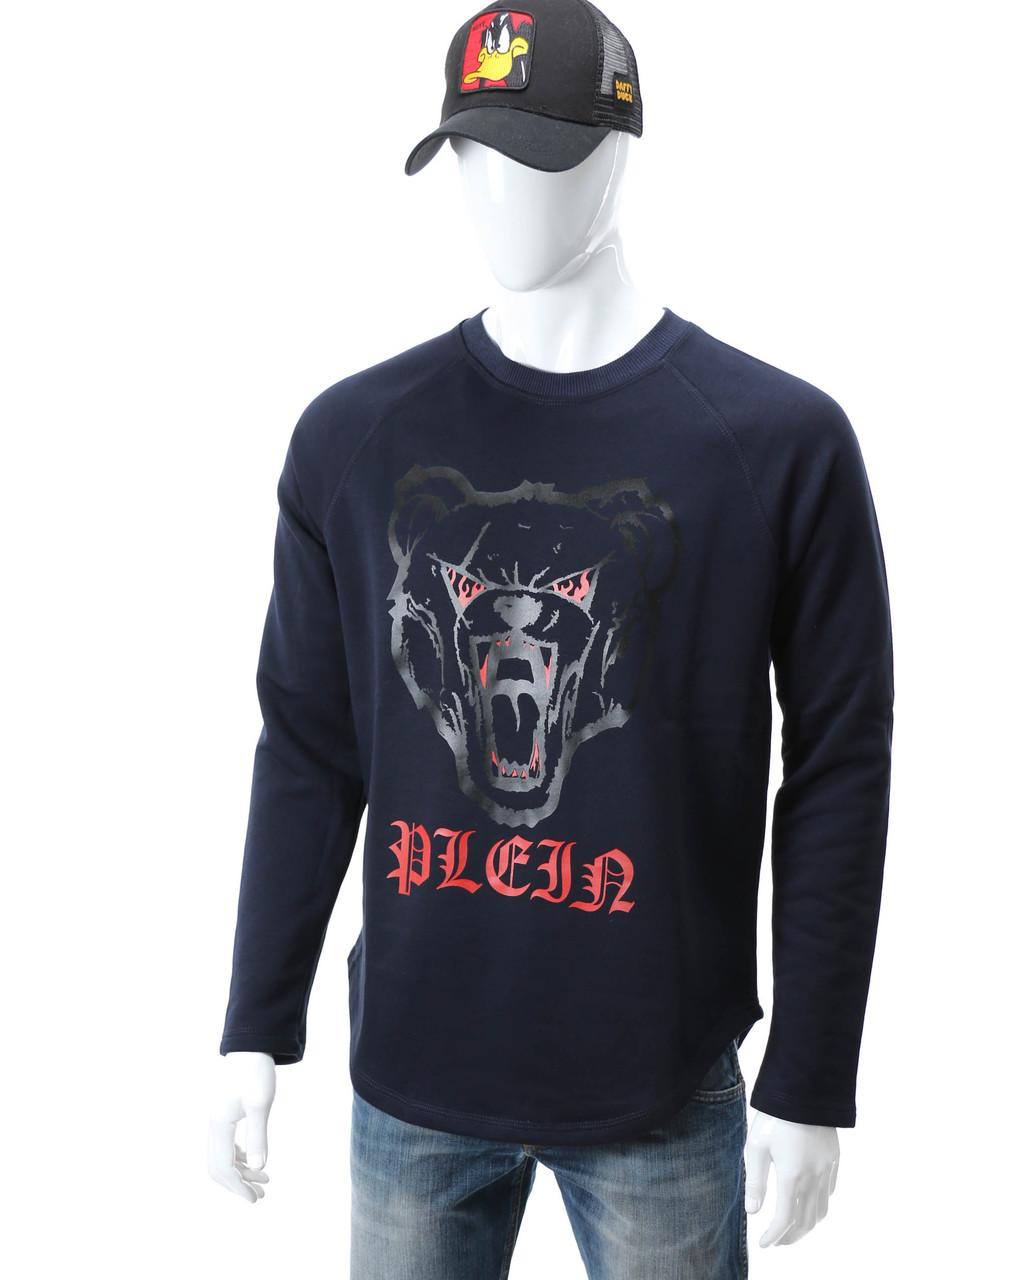 Свитшот т синий PHILIPP PLEIN с принтом Медведь злой №2 Р-2 DBLU M(Р) 20-544-201